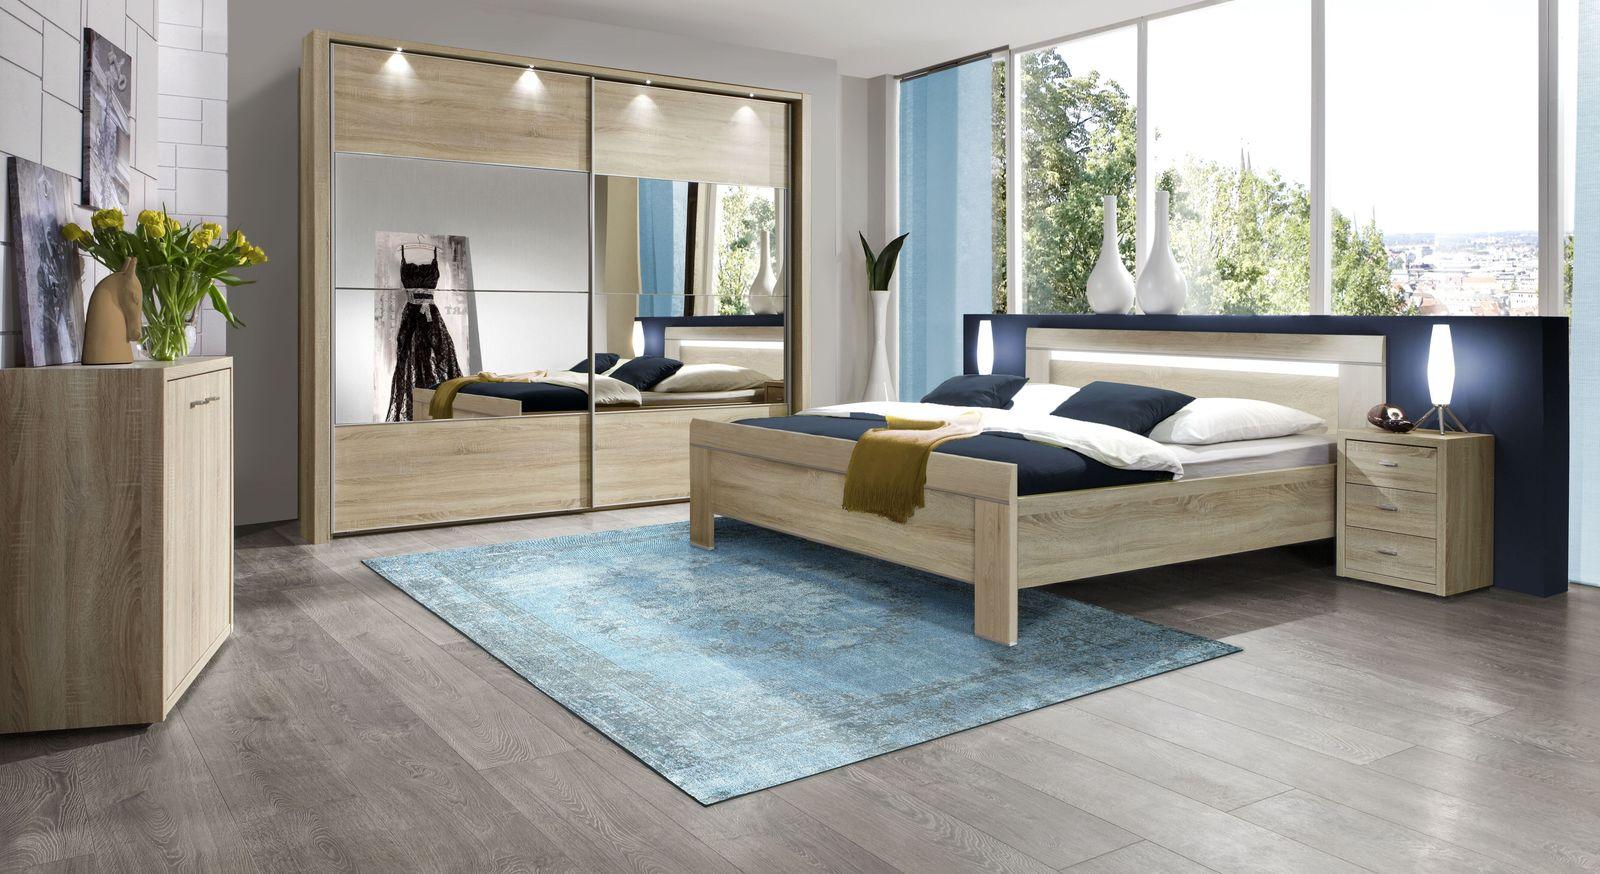 Preiswertes und zeitloses Komplett-Schlafzimmer Seymour